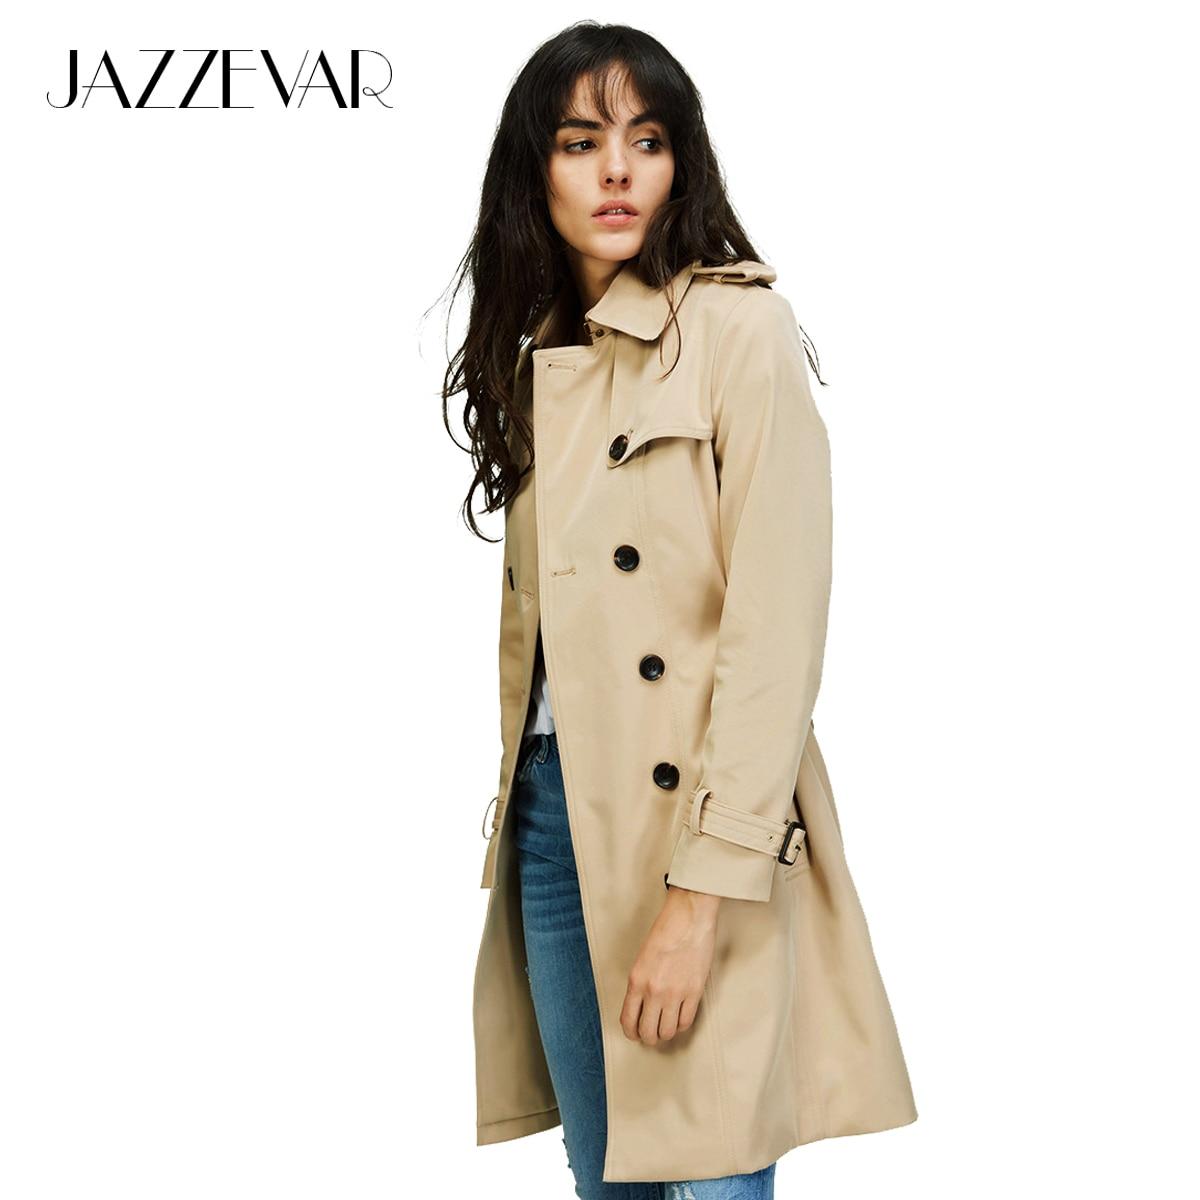 JAZZEVAR 2018 осенью новый модные брендовые женские классический двубортный Тренч Водонепроницаемый плащ Бизнес верхняя одежда